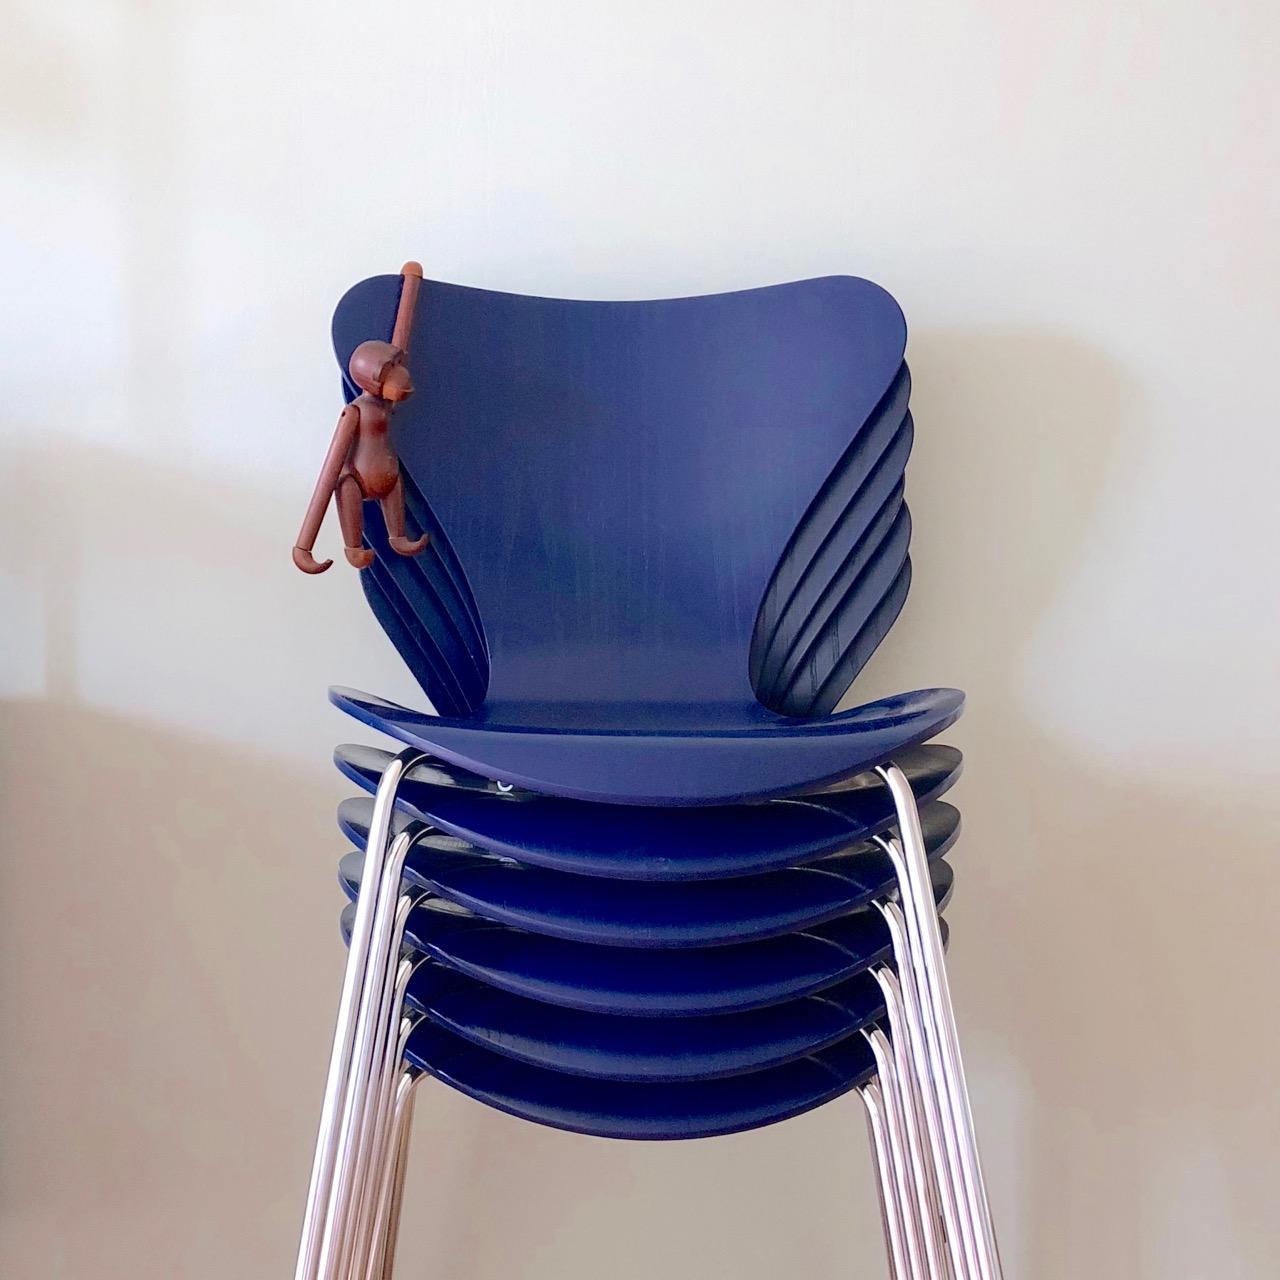 Achtgrad Designklassiker   Ihr Spezialist Für Skandinavisches Design